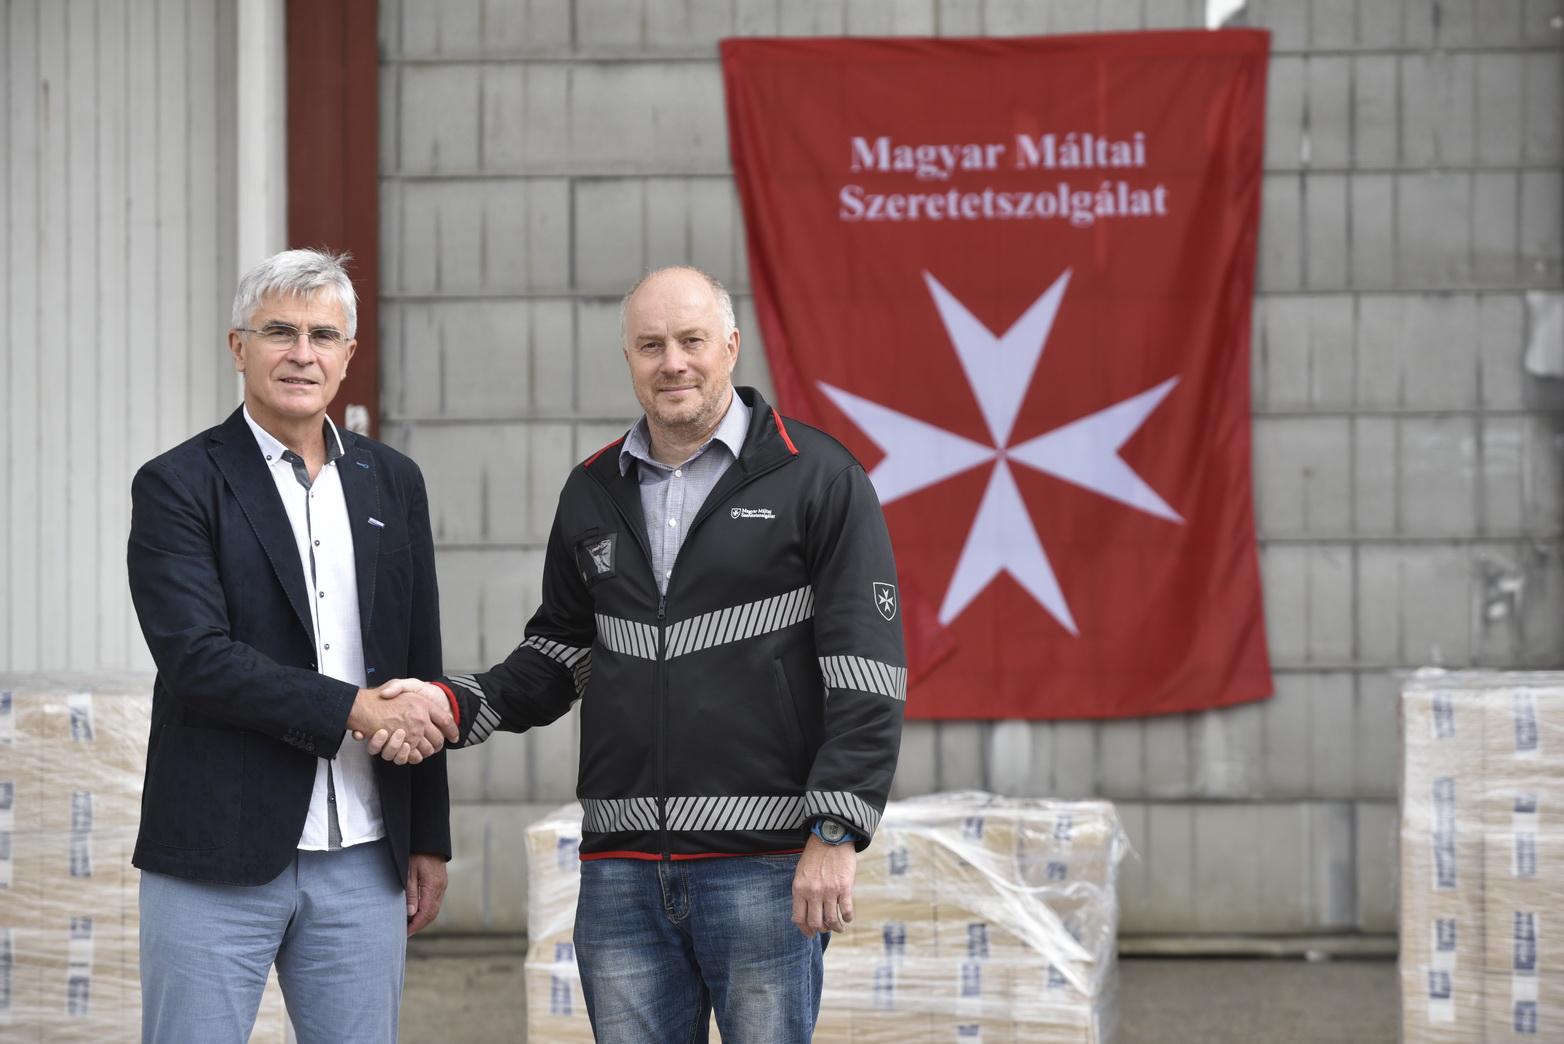 Kéz- és felületfertőtlenítőt adományozott a Poli-Farbe